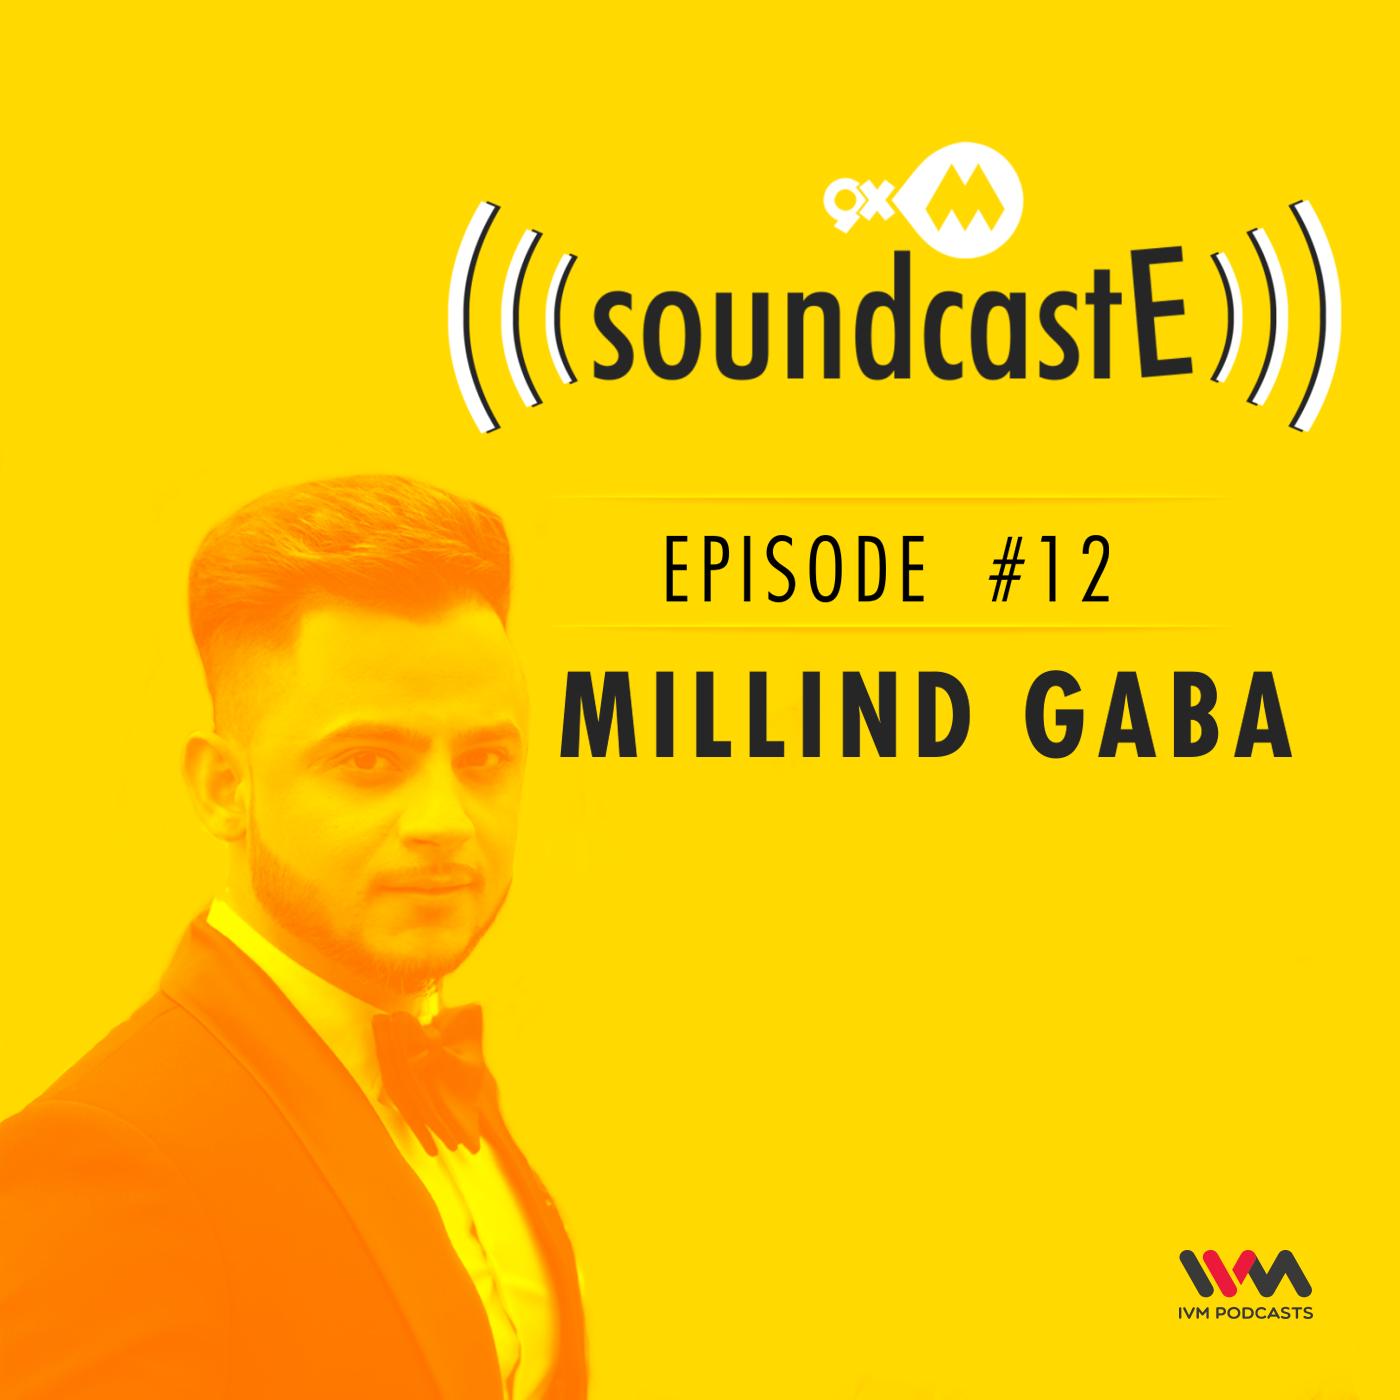 Ep. 12: 9XM SoundcastE Milind Gaba